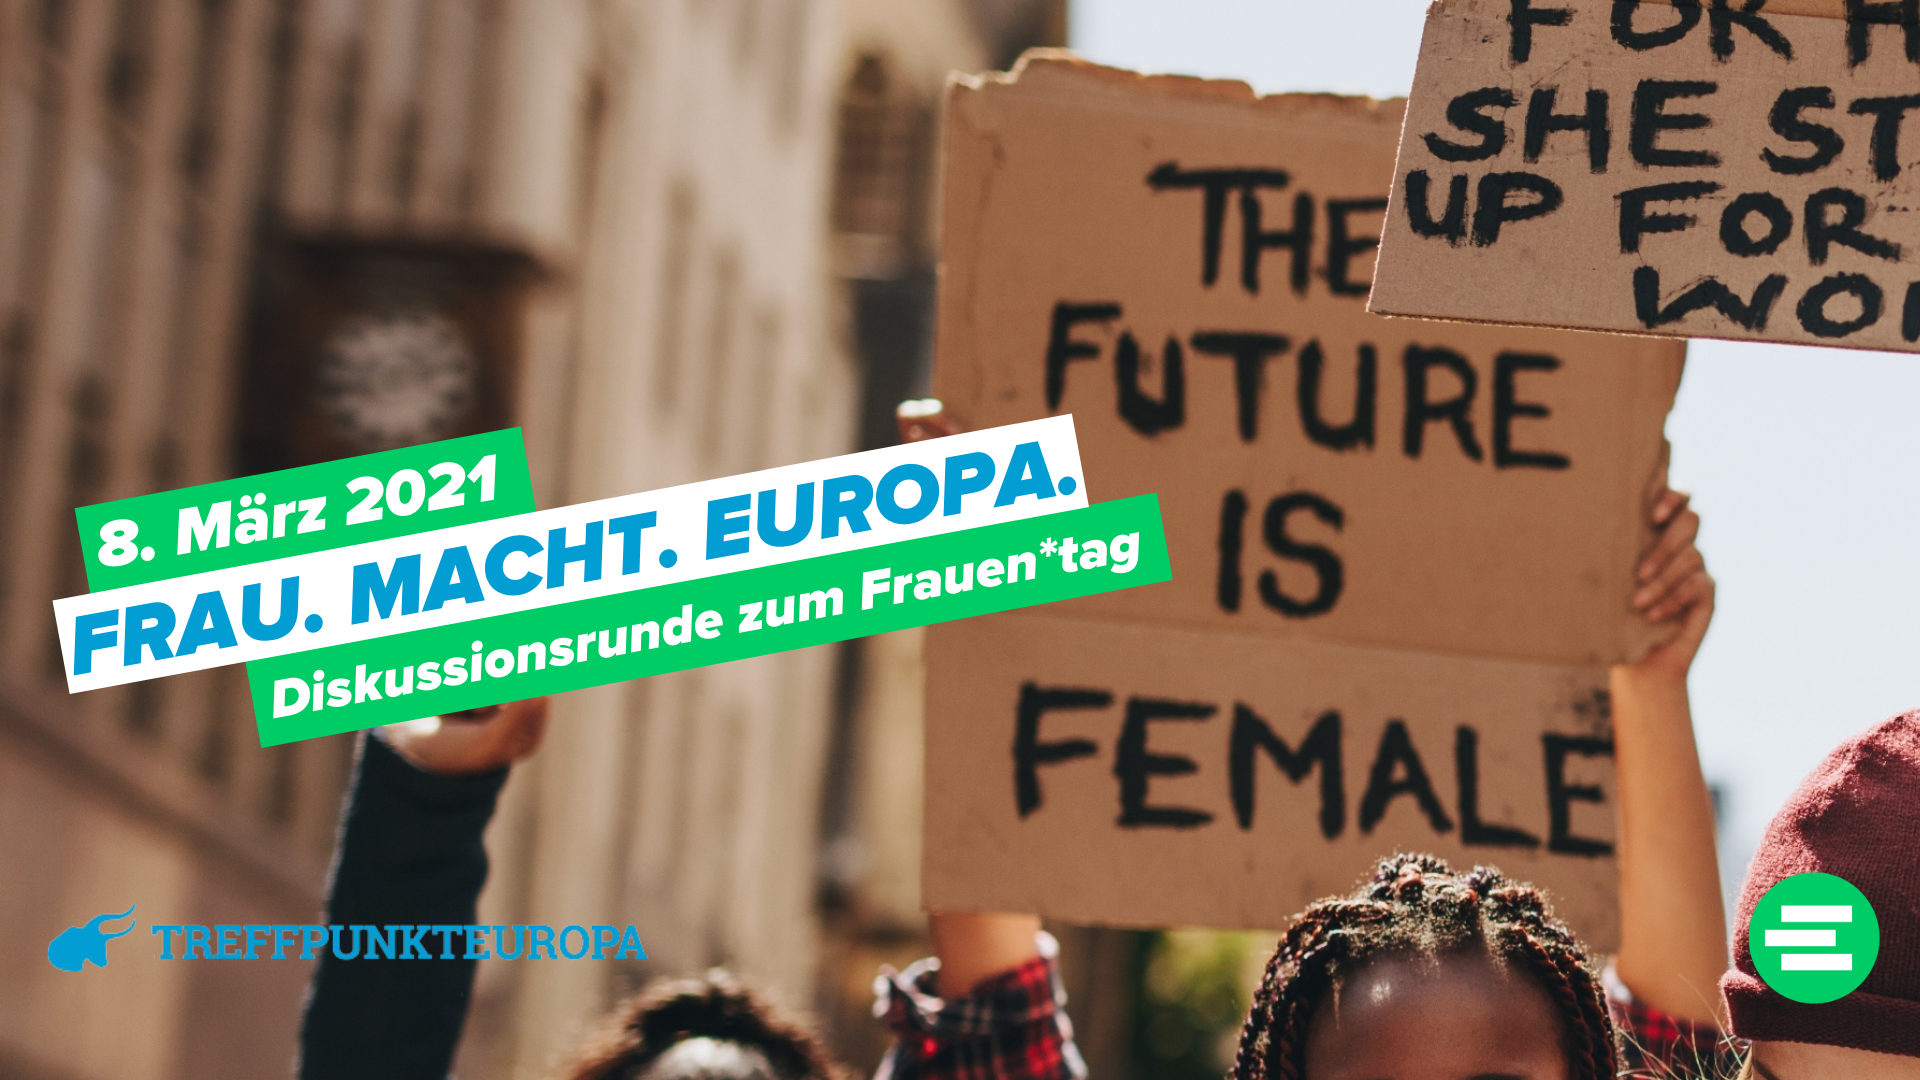 Frau. Macht. Europa. – Politische Diskussionsrunde zum Frauen*tag